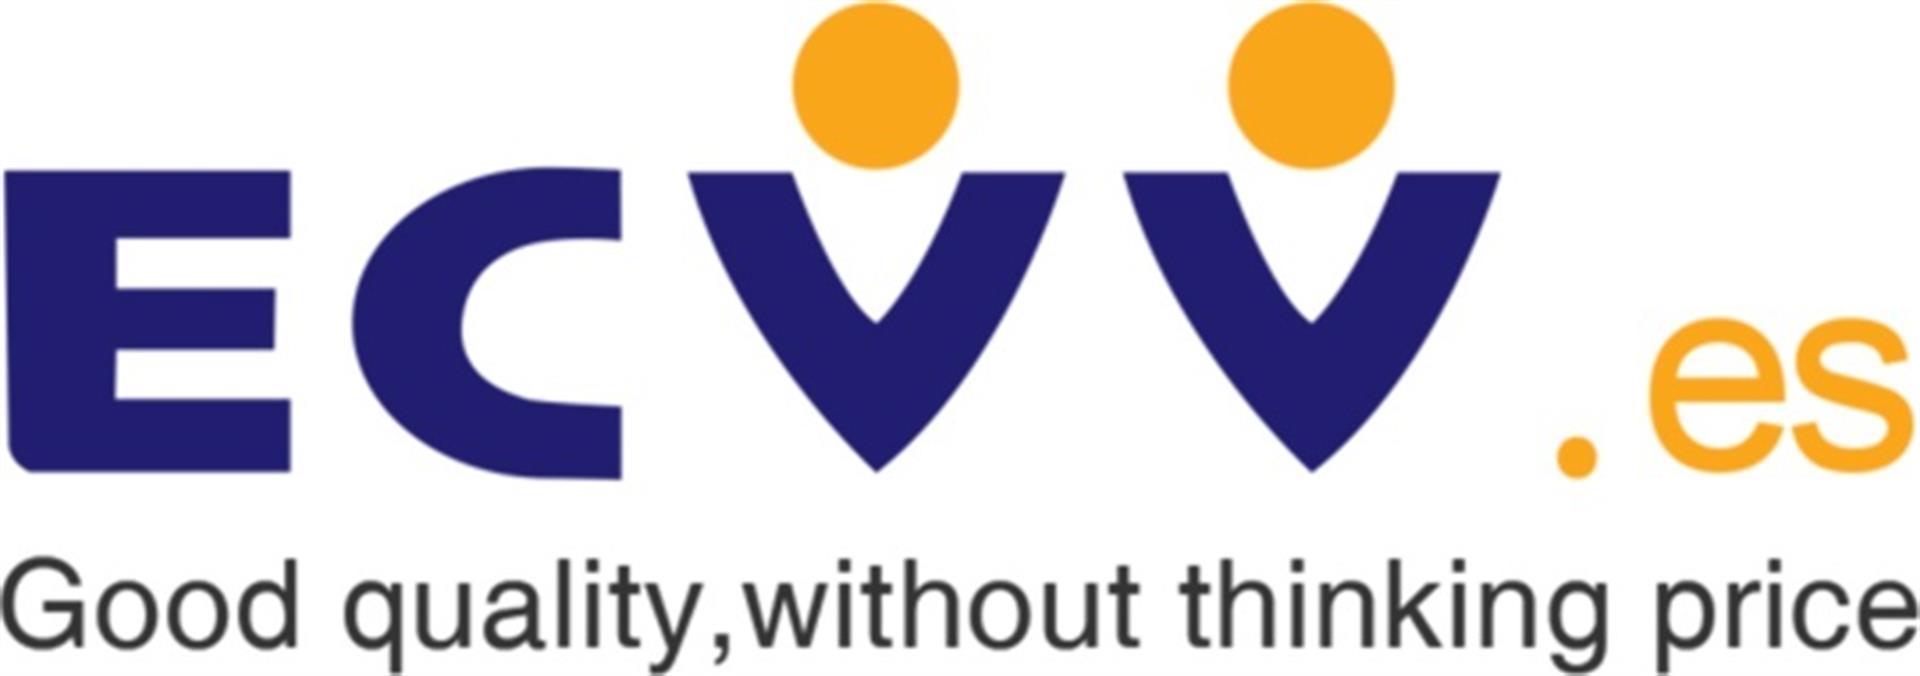 ECVV.MA proporciona un servicio de abastecimiento de productos MRO rentable y único a compradores globales.